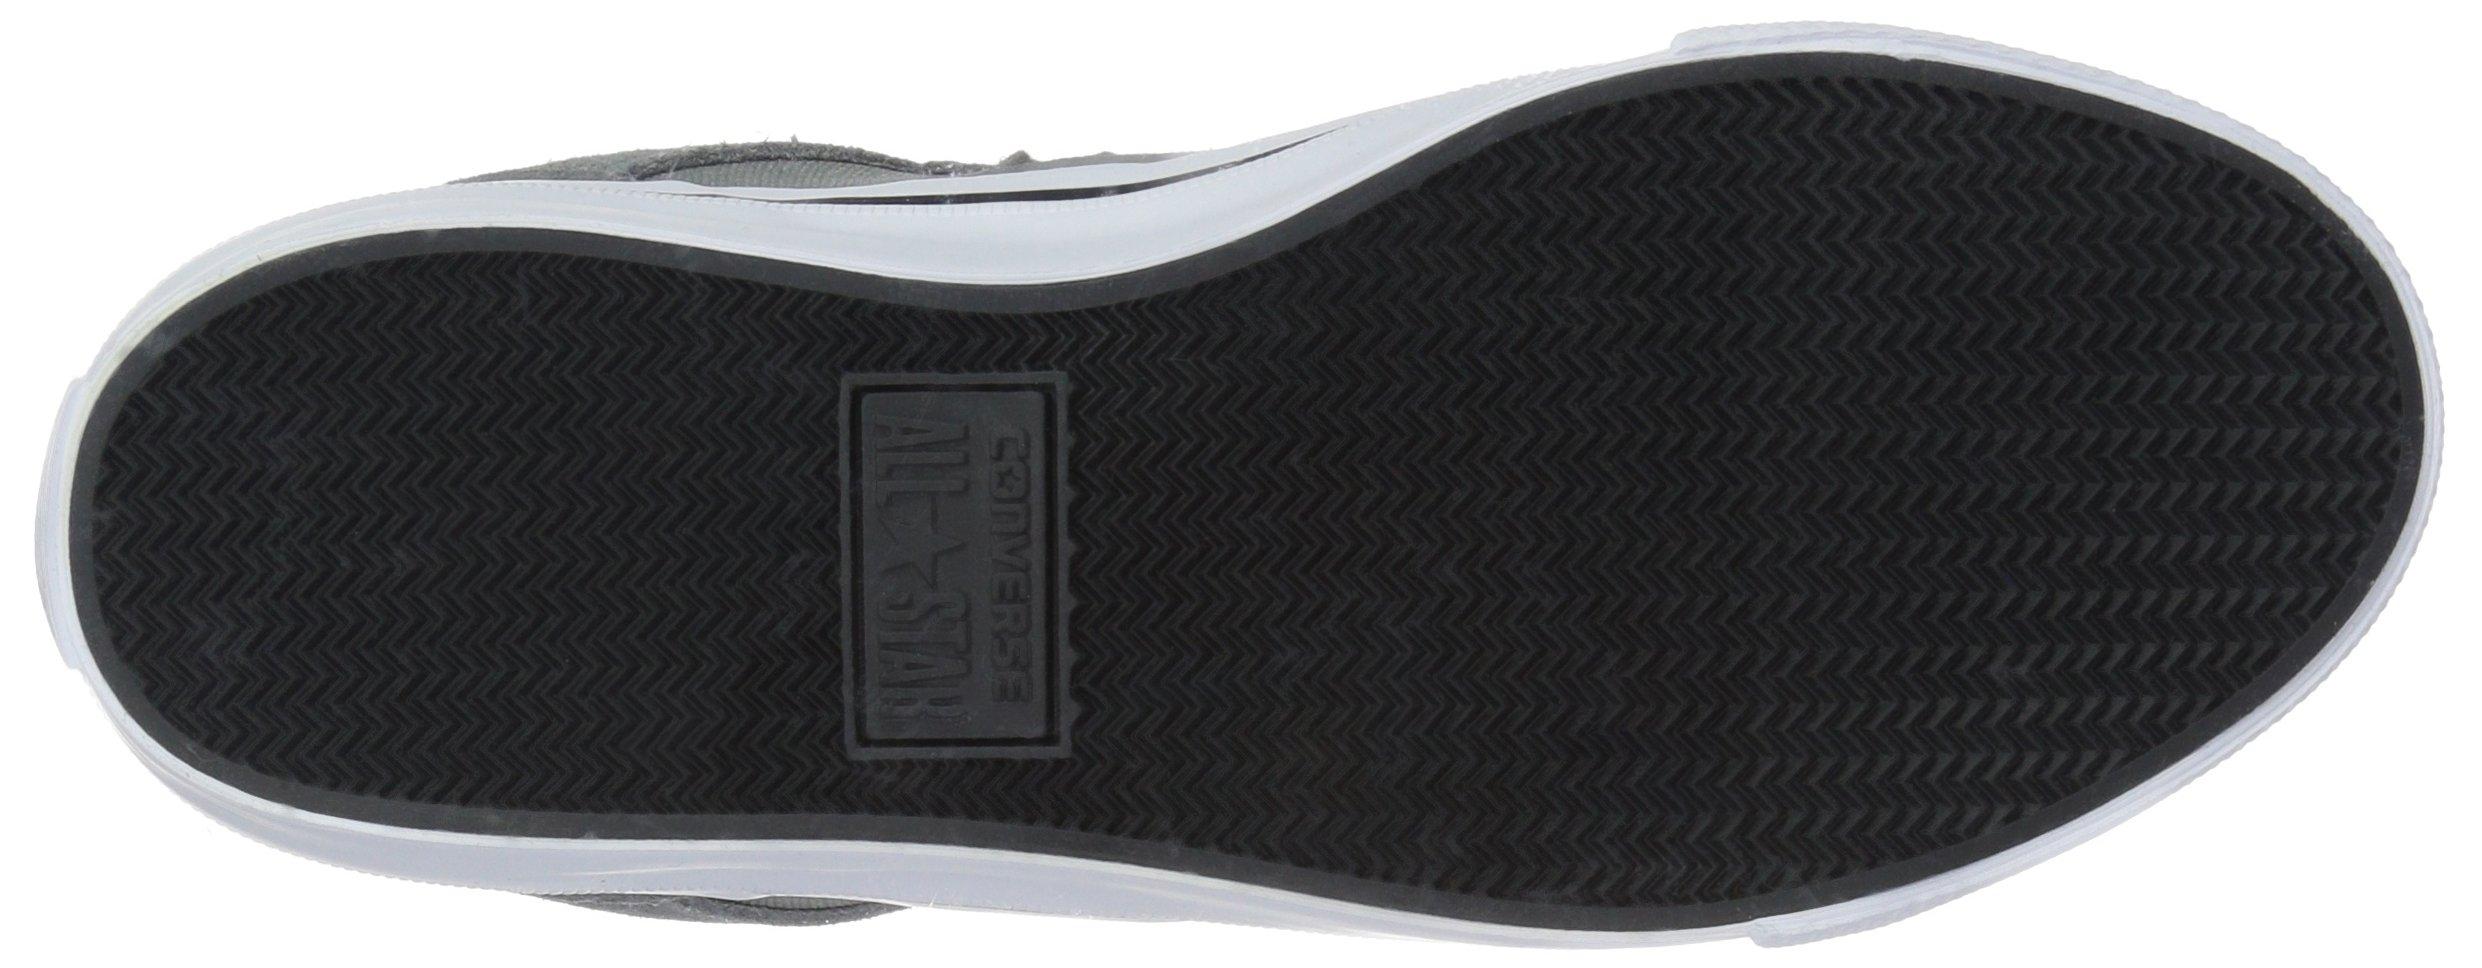 Converse EL Distrito Canvas Low Top Sneaker, Mason/White/Black, 12 M US by Converse (Image #3)